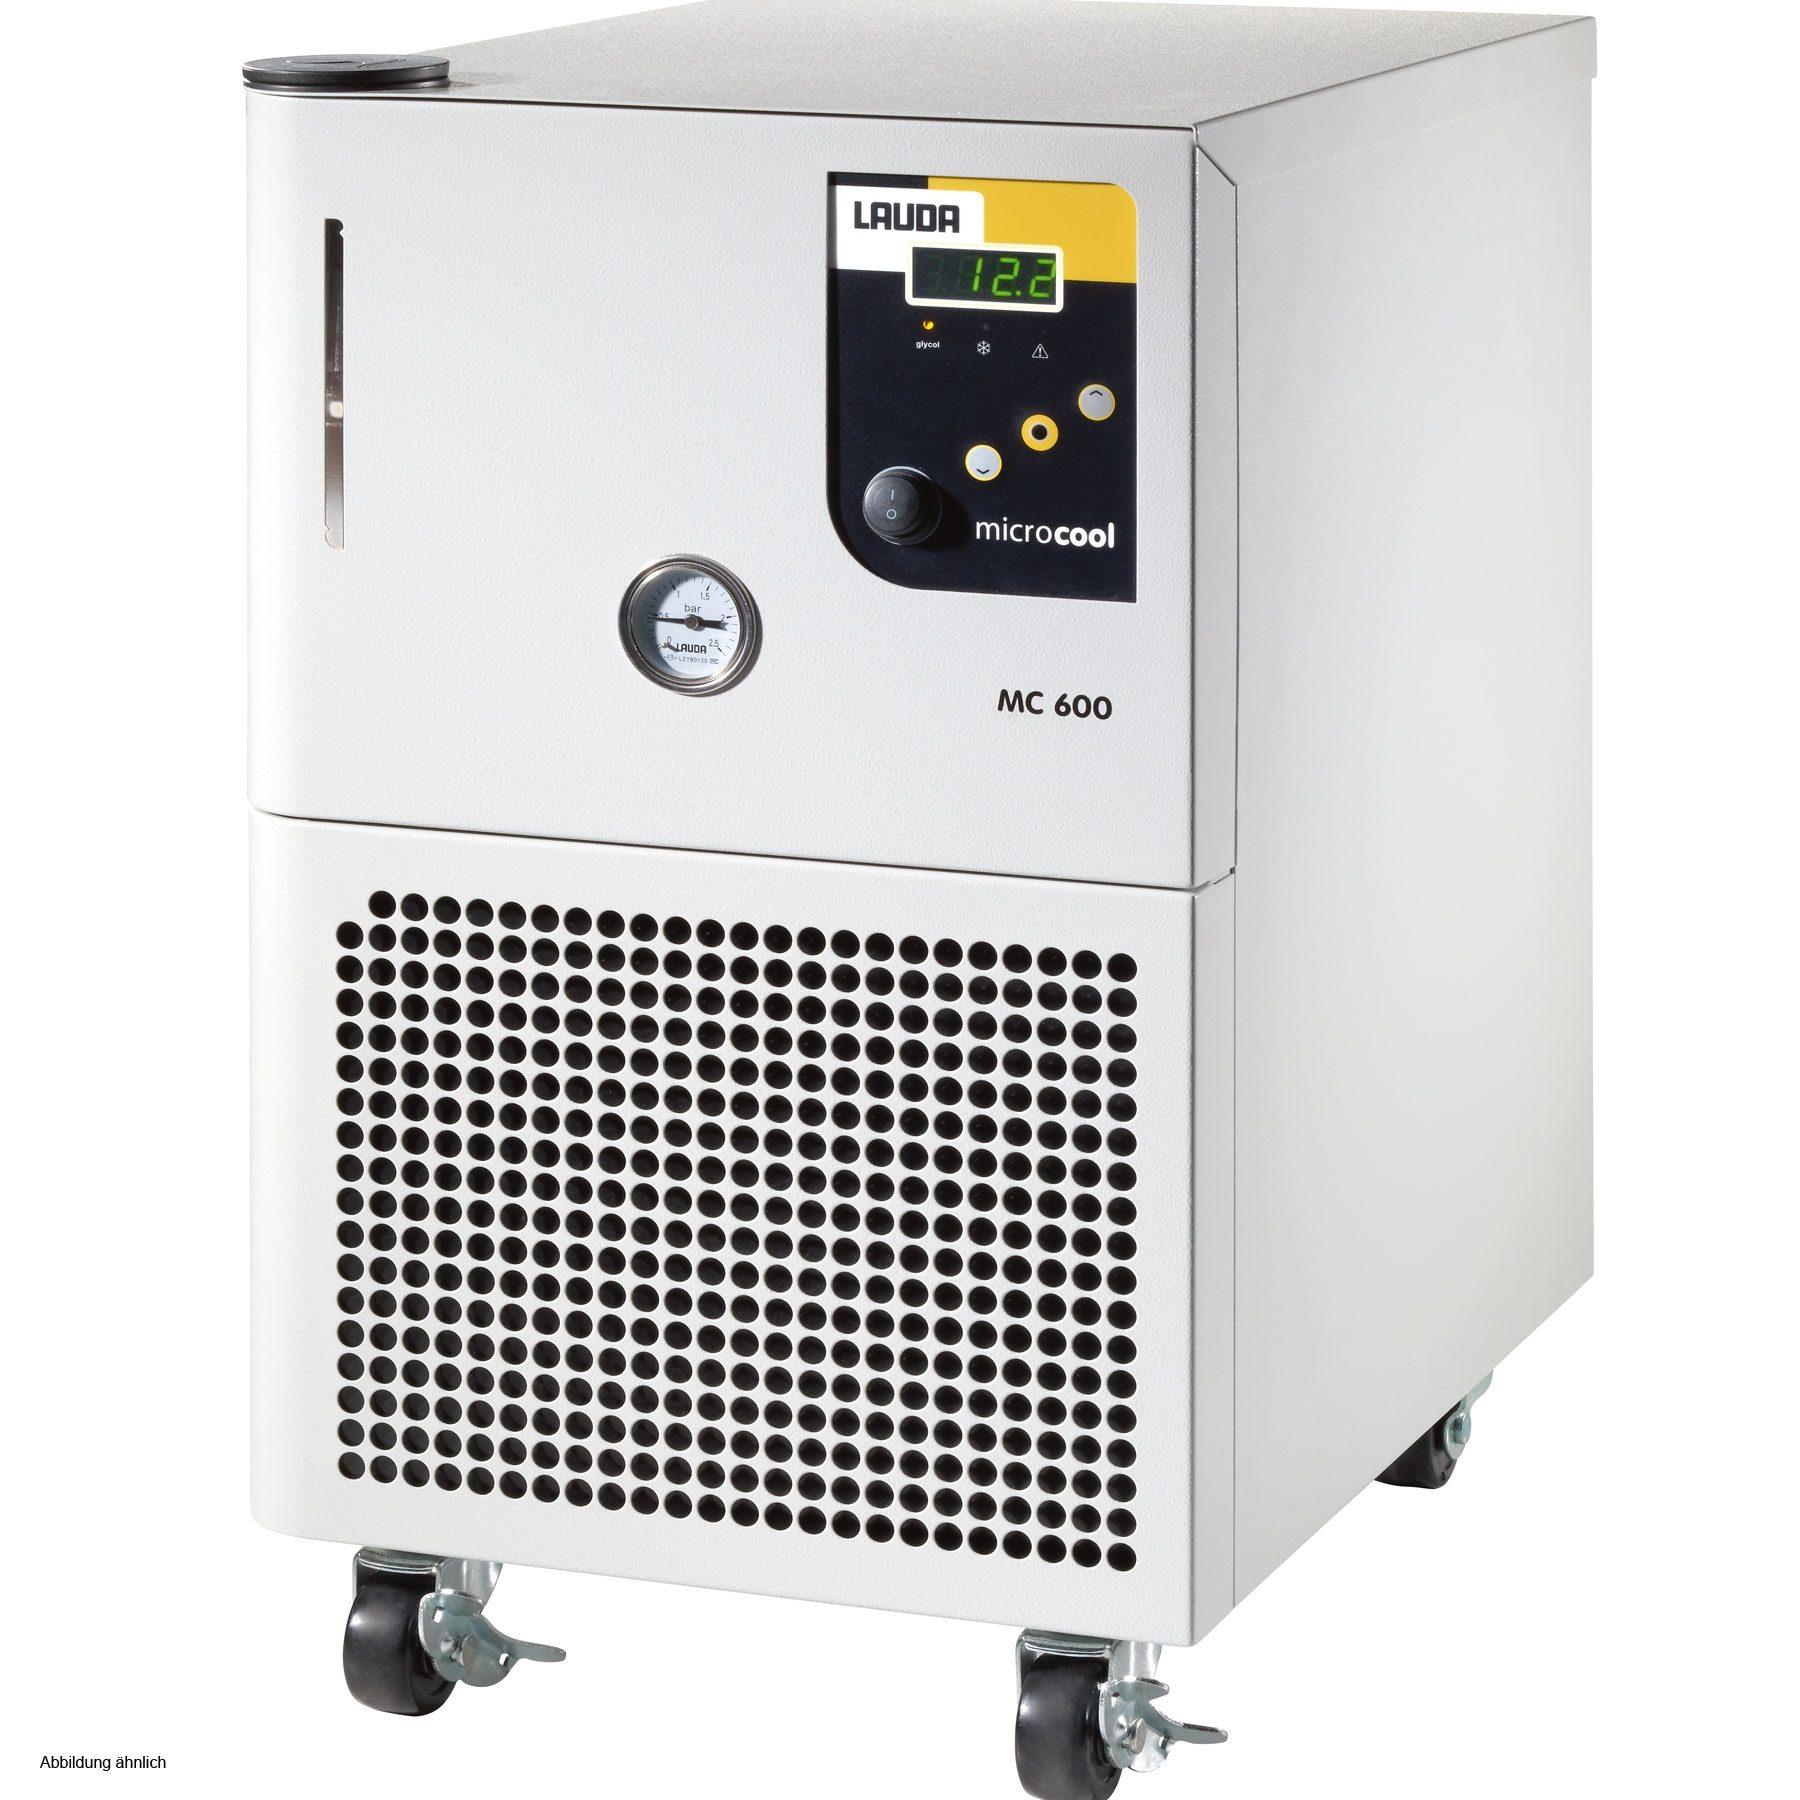 MICROCOOL - CHILLERS DE CIRCULAÇÃO COM REFRIGERAÇÃO ( 0.6 kW) - LAUDA - Cód. MC600